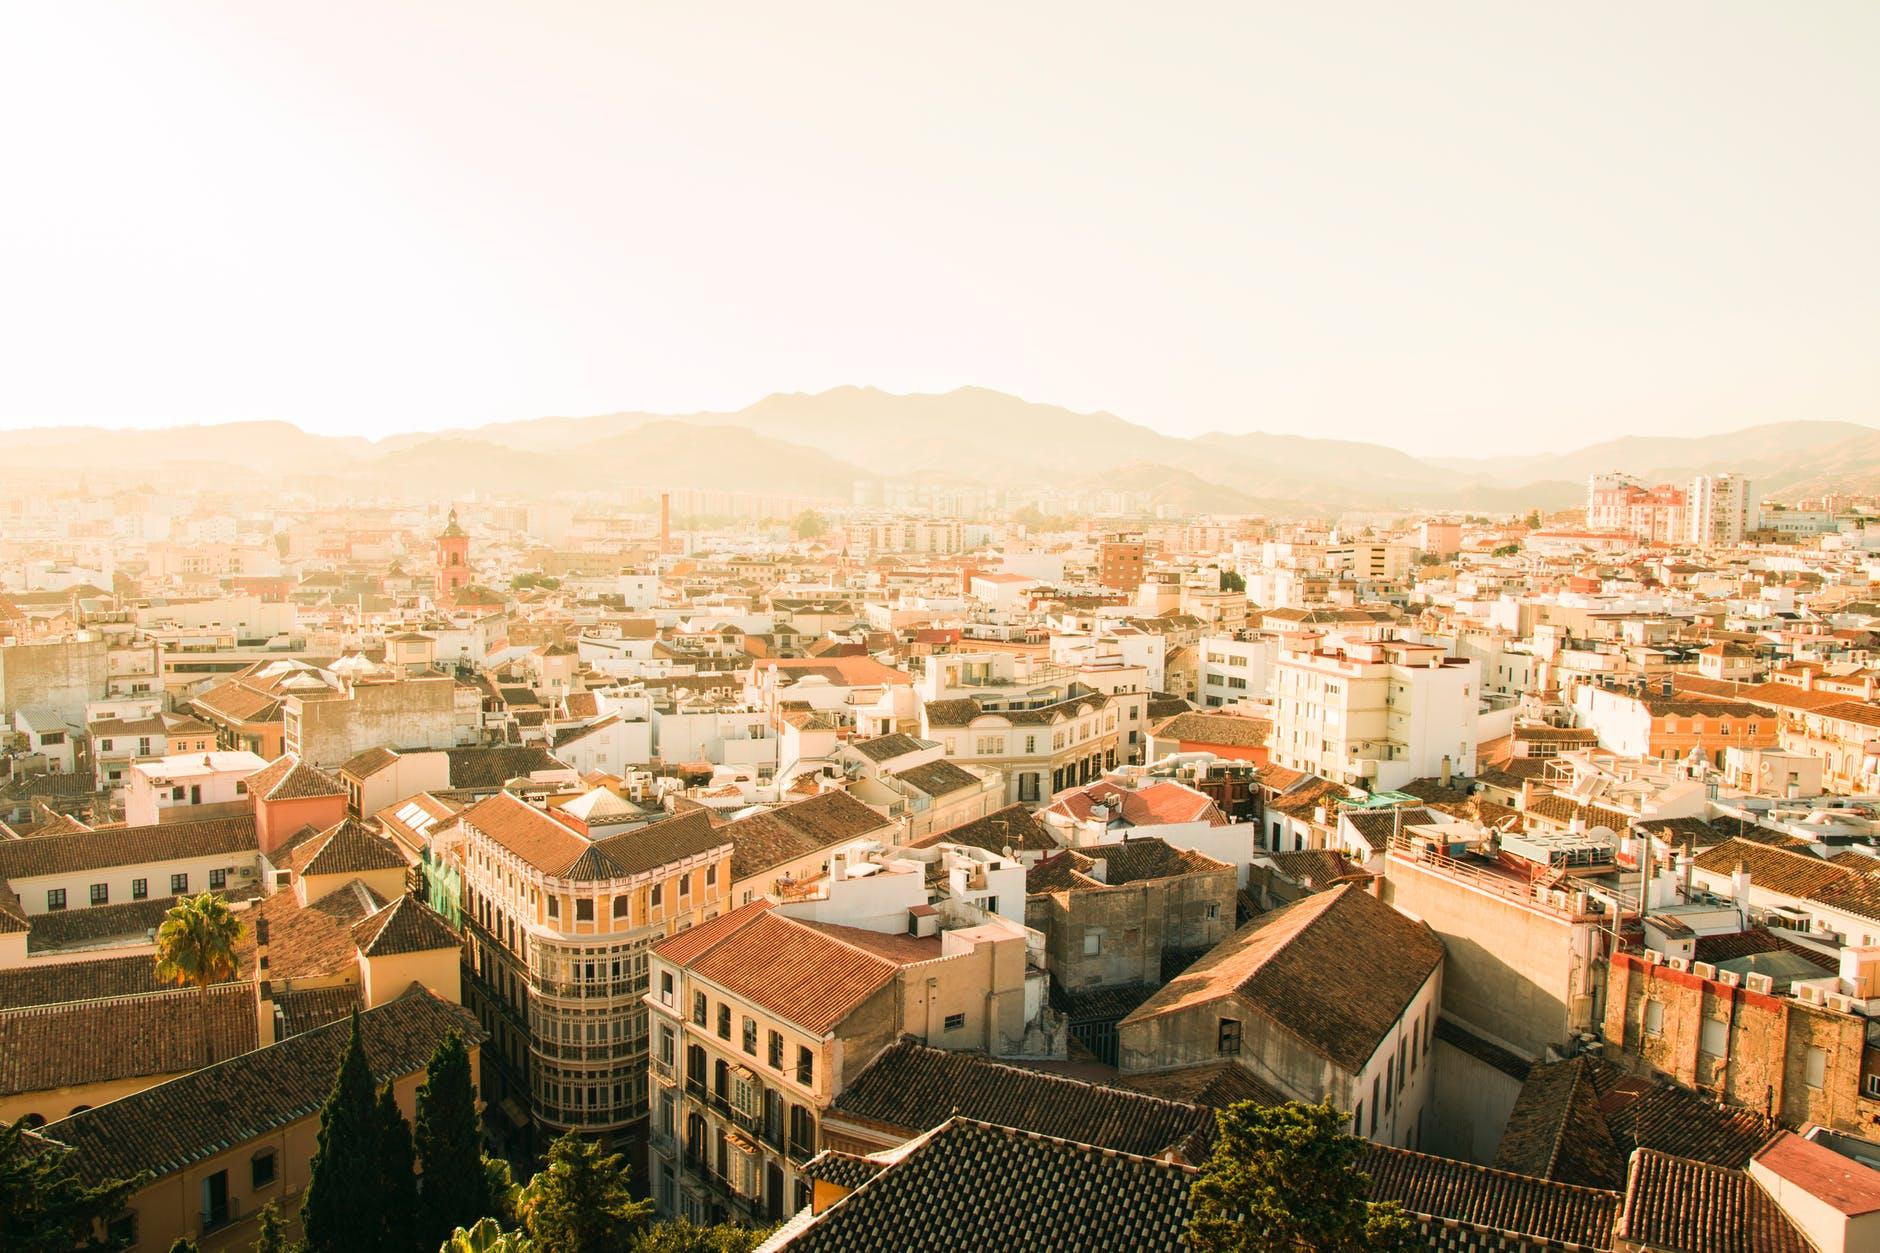 西班牙政府着手备用方案,以确保脱欧后英国游客能继续入境